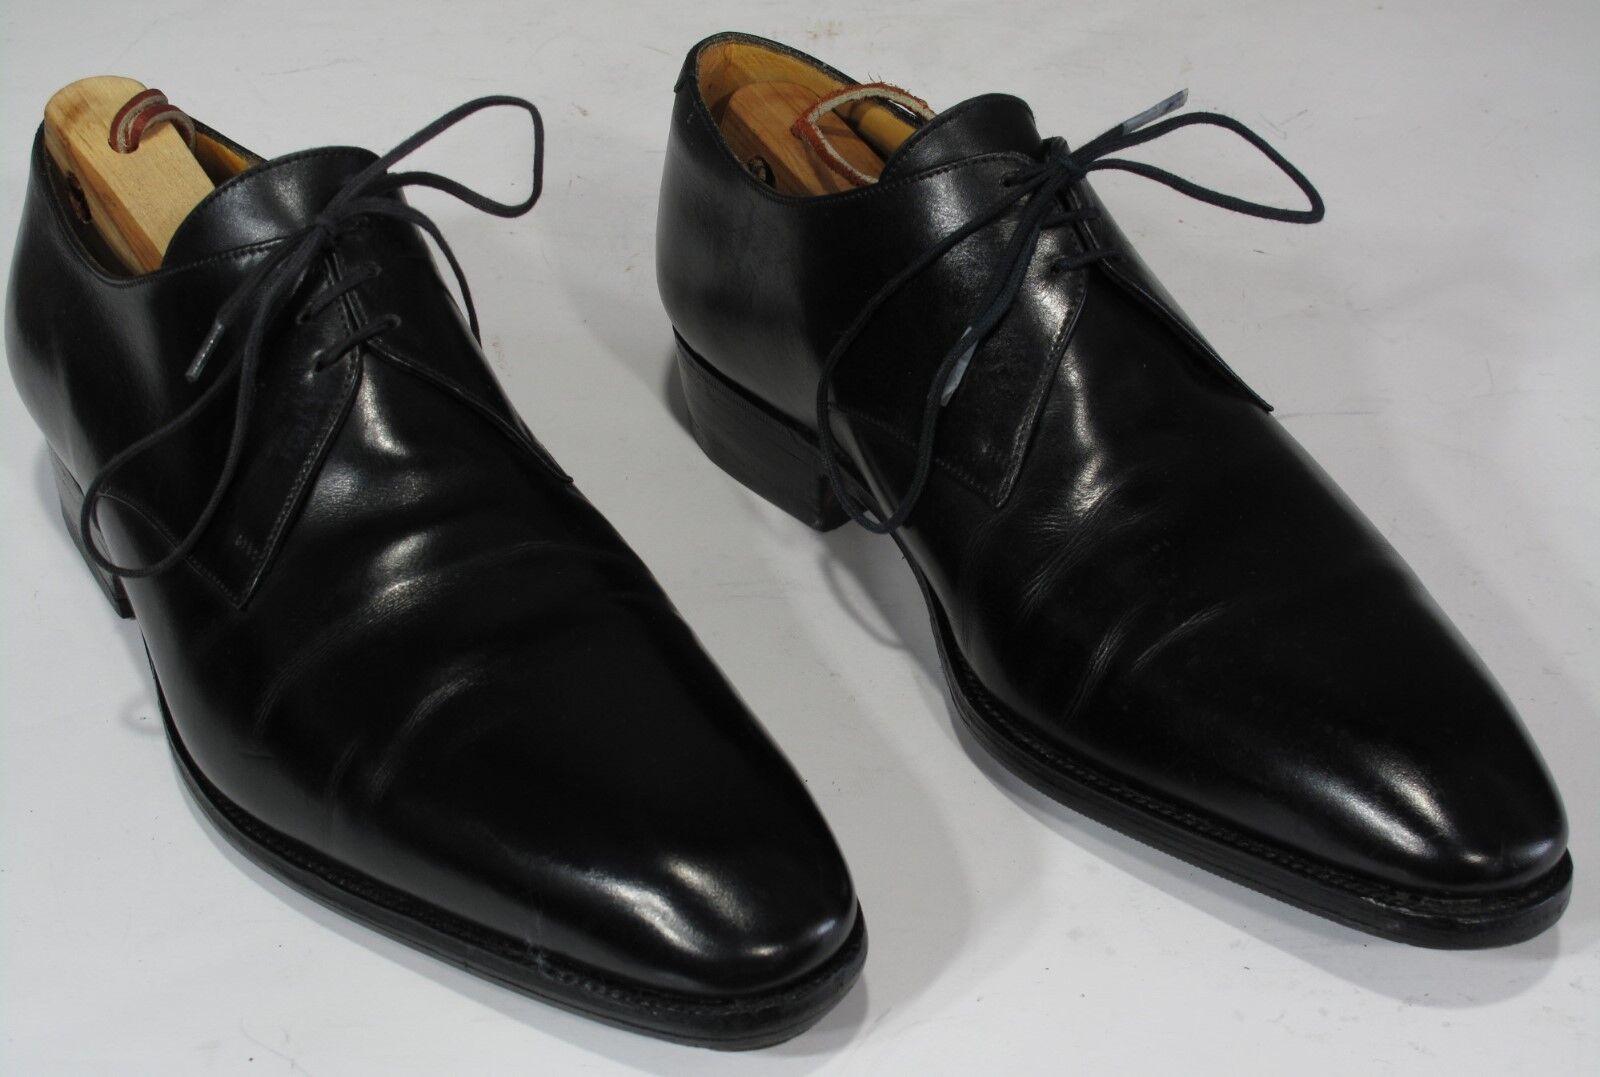 1100 J M WESTON chaussures noires 7E UK, 8US. Plain Toe Derby Derbies